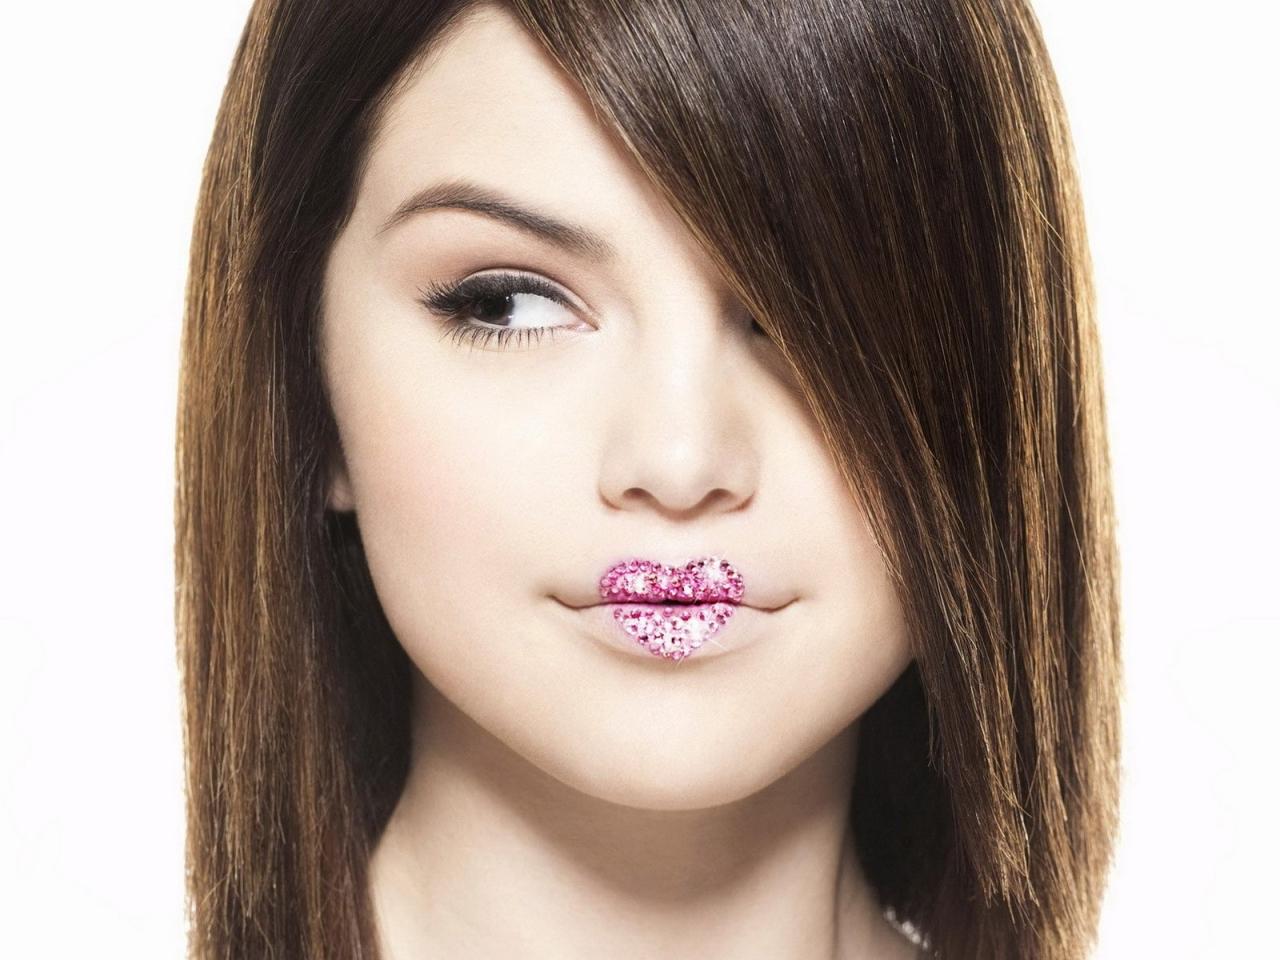 Selena Gomez rostro - 1280x960